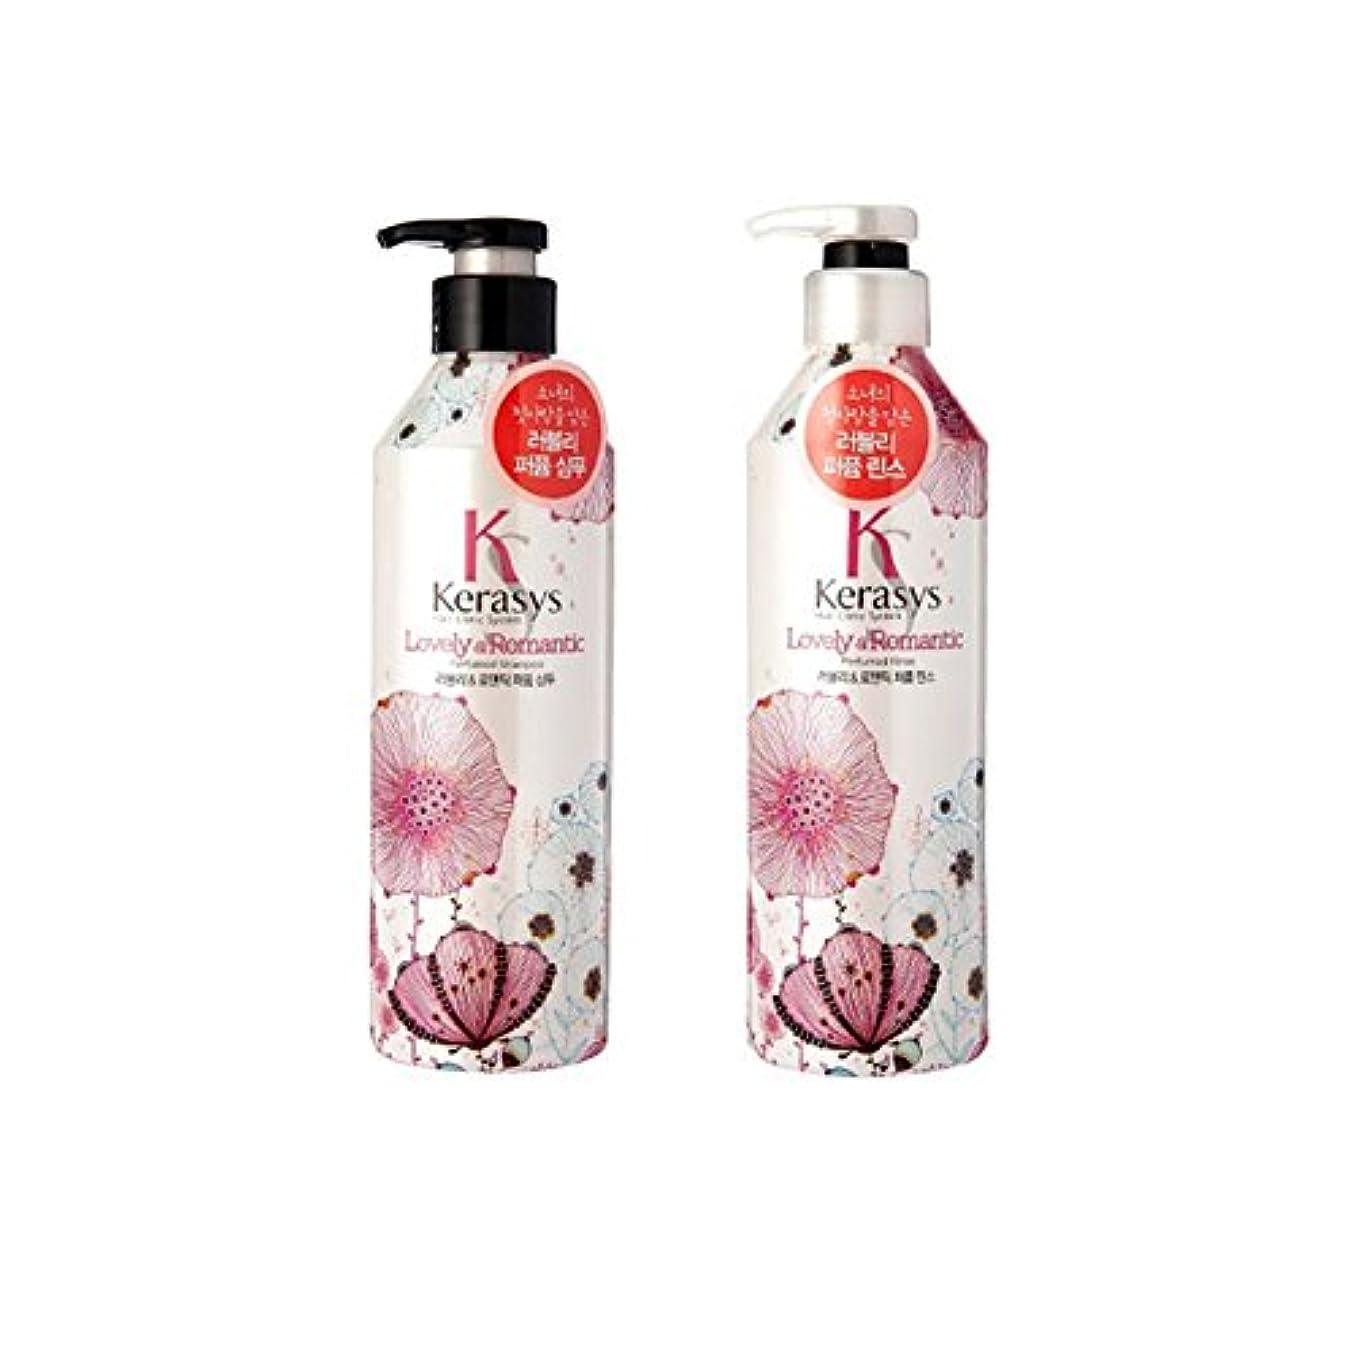 バージンクリック人事Kerasys Shampoo and Conditioner シャンプー そして リンス(コンディショナー) それぞれ 600ml  (海外直送品) (Lovely Romantic)